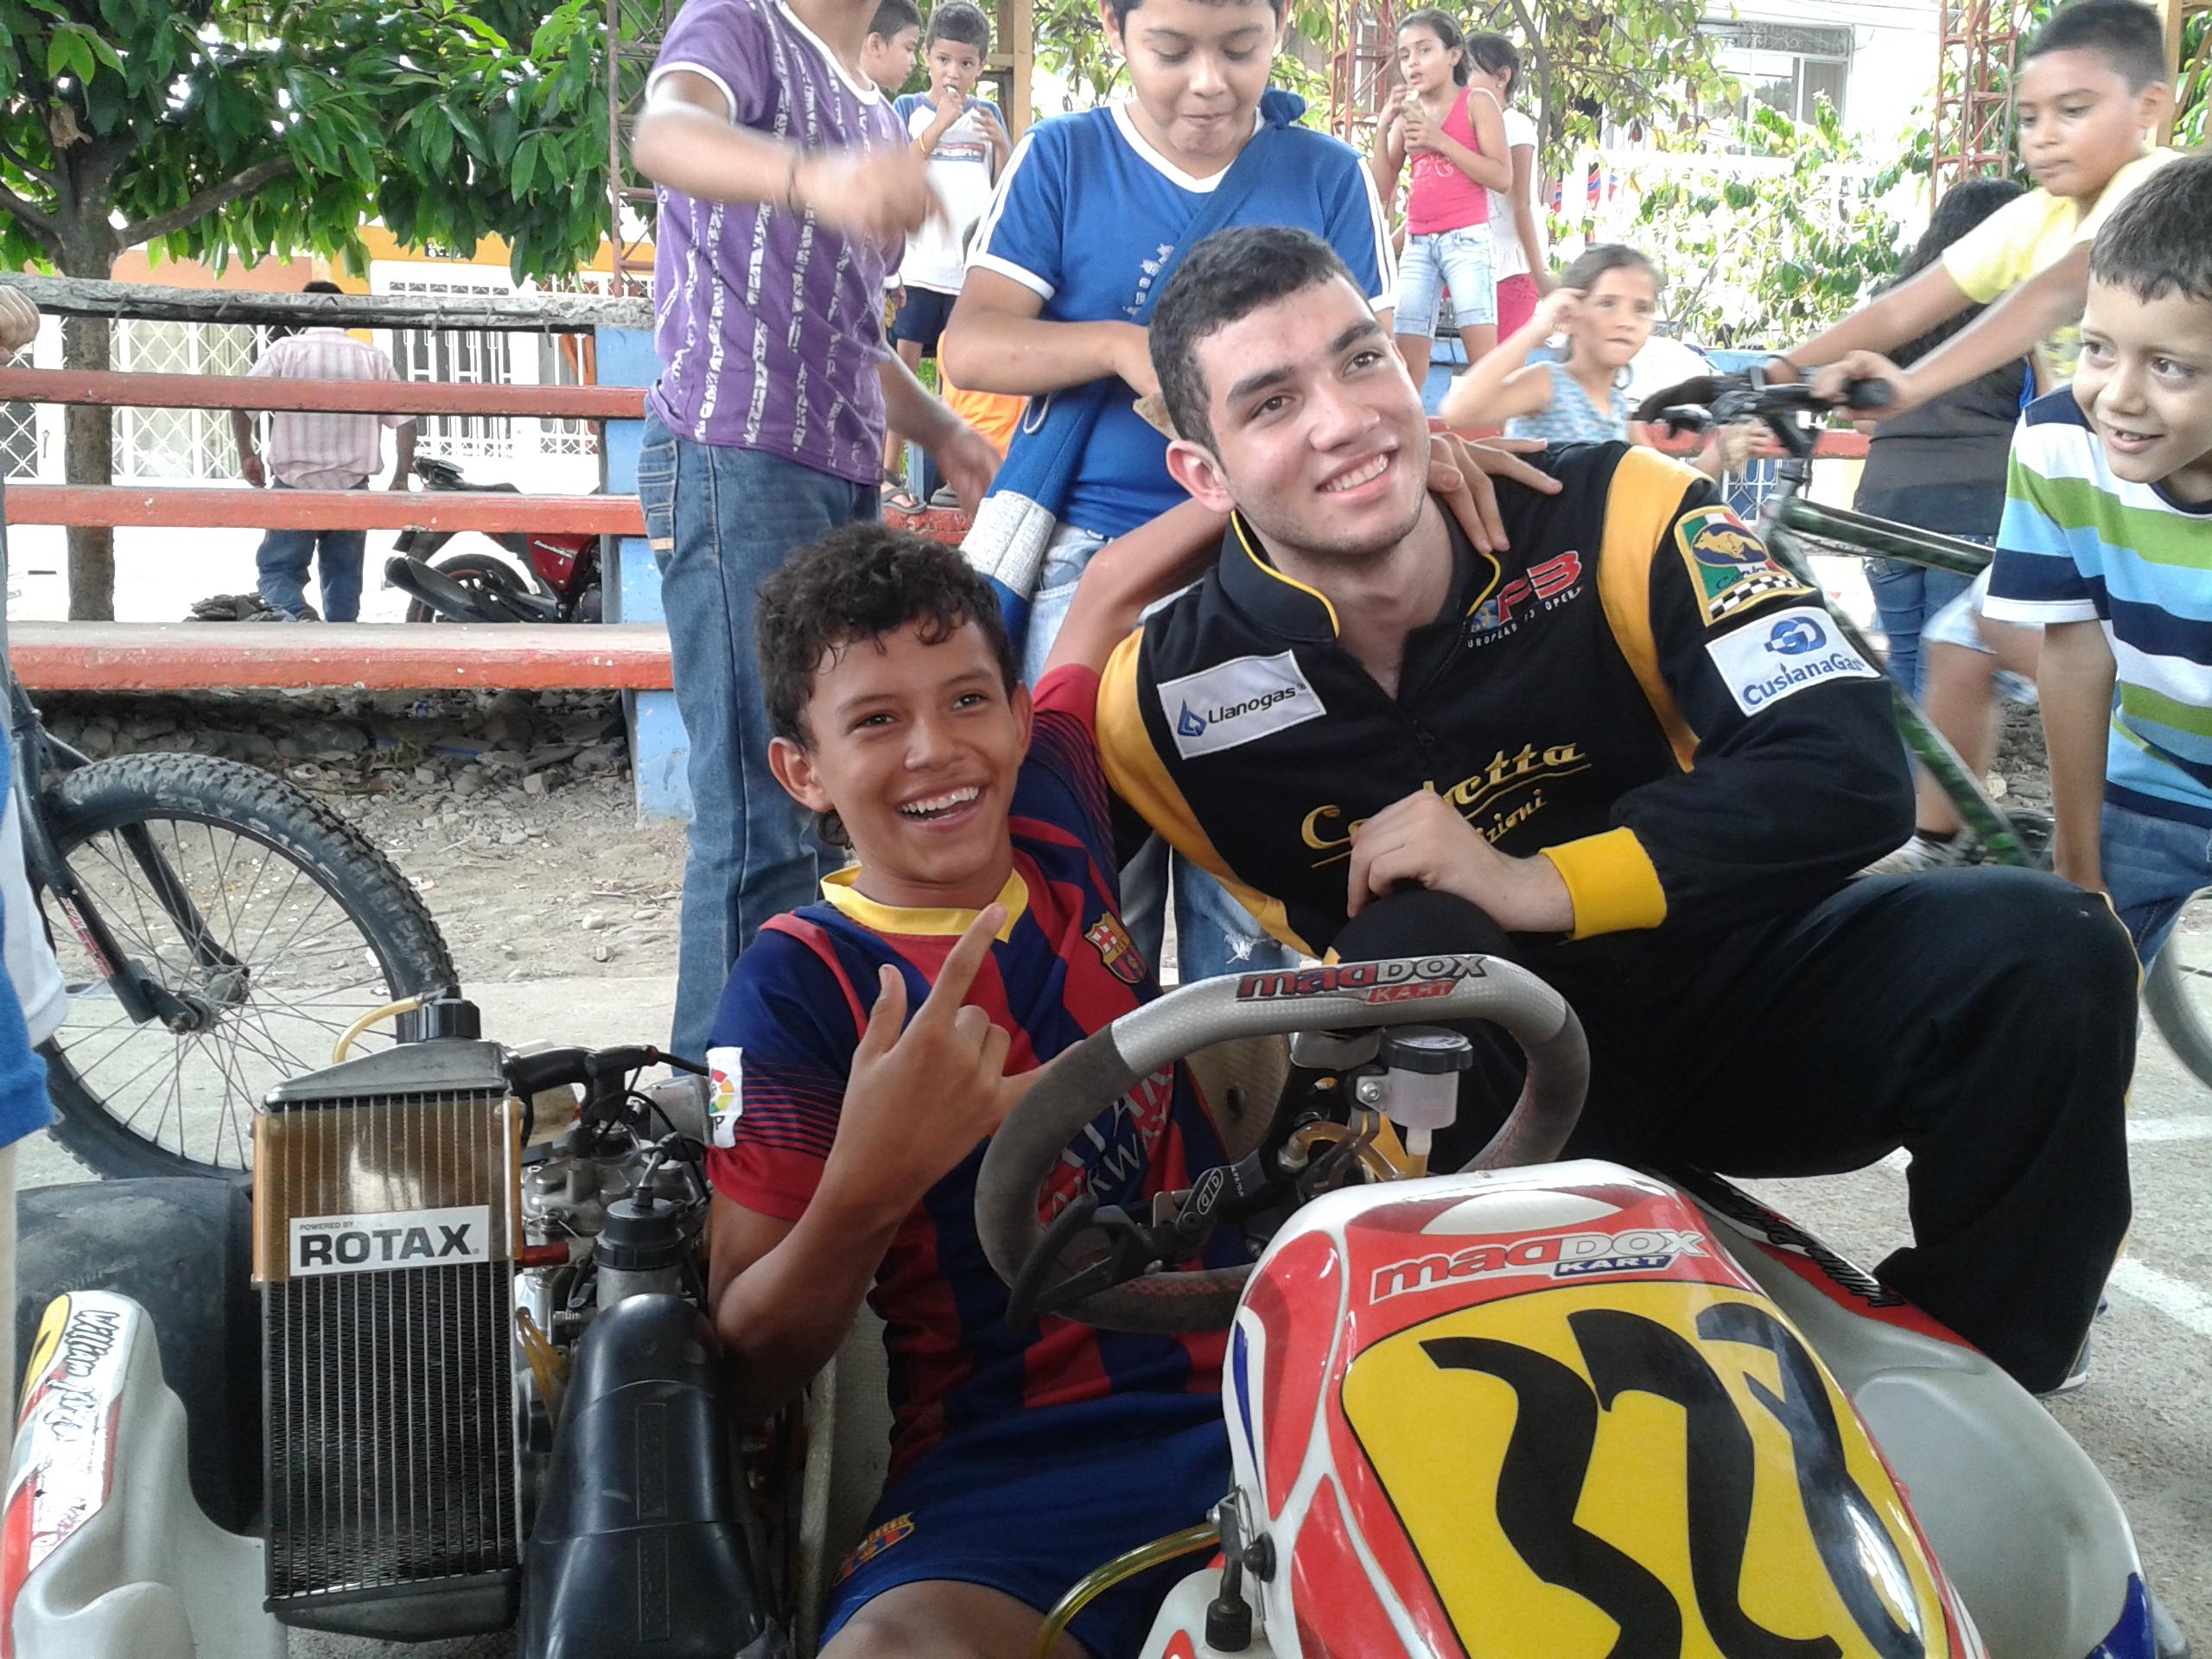 WilliamBarbosa+Llanogas+Contigo+20140308-6.jpg